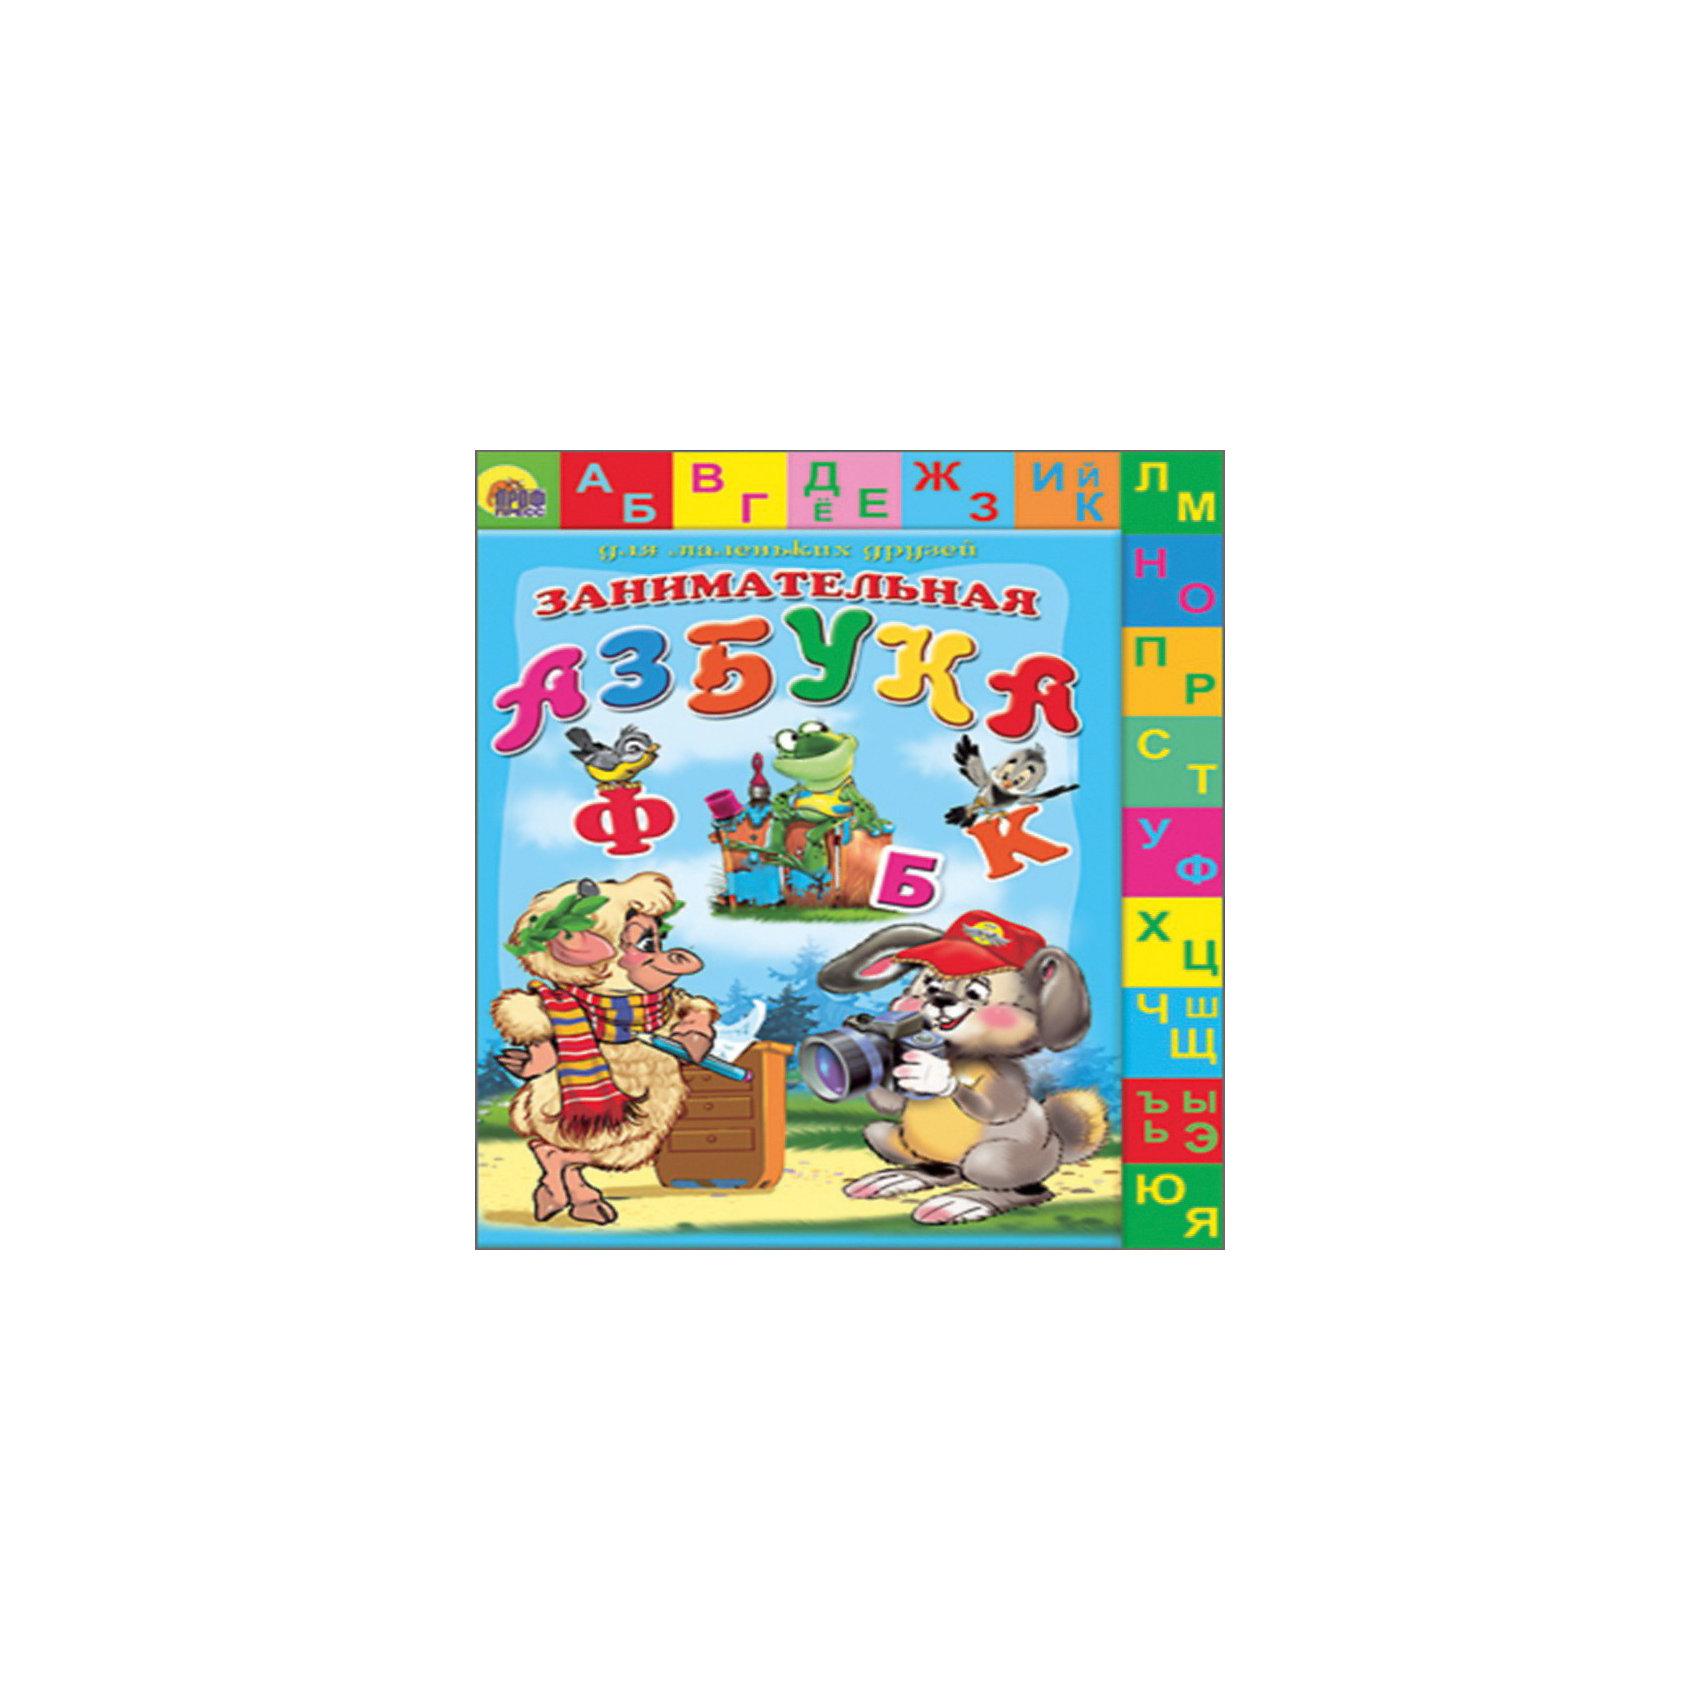 Занимательная азбукаПрекрасная книга с яркими красочными иллюстрациями и интересными детскими стихами. В простой, занимательной форме она поможет вашему ребенку познакомиться с алфавитом и начать запоминать буквы.<br><br>Дополнительная информация:<br><br>- Формат: 278x210 мм<br>- Количество страниц: 12 страниц<br>- Переплет: жесткий<br>- Иллюстрации: цветные<br>- Автор: Лясковский В.Л.<br>- Иллюстратор:  Есаулов И.<br><br>Книгу Занимательная азбука, Лесенка двухсторонняя, (Проф-пресс) можно купить в нашем магазине.<br><br>Ширина мм: 210<br>Глубина мм: 8<br>Высота мм: 280<br>Вес г: 310<br>Возраст от месяцев: 36<br>Возраст до месяцев: 72<br>Пол: Унисекс<br>Возраст: Детский<br>SKU: 3850305